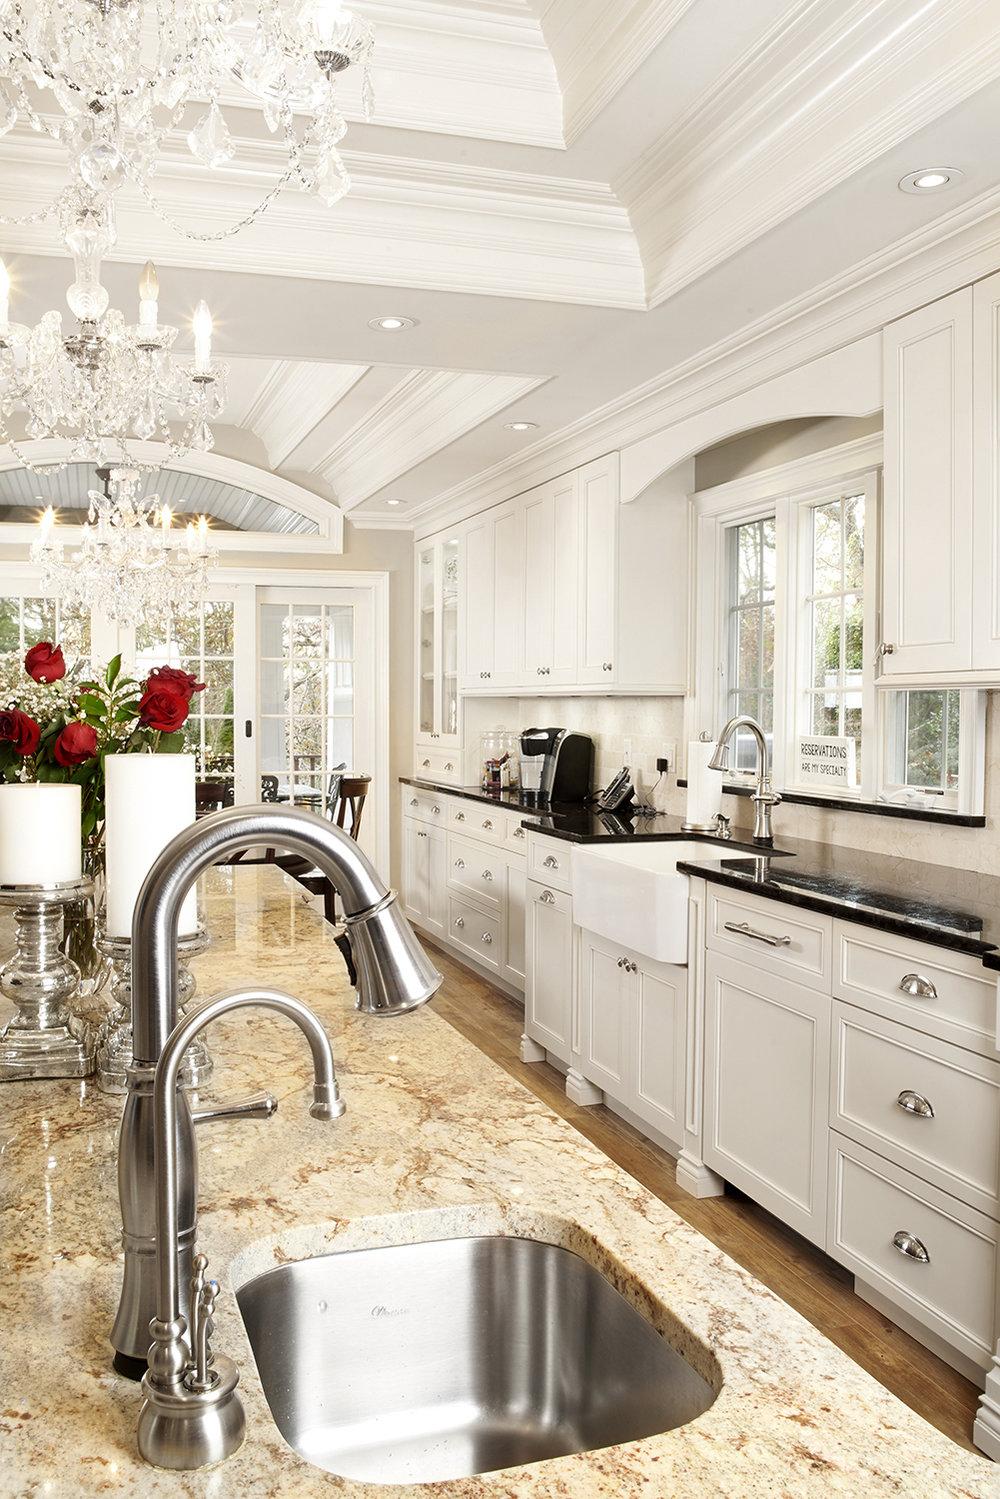 Kitchen #4 dix hills.jpg